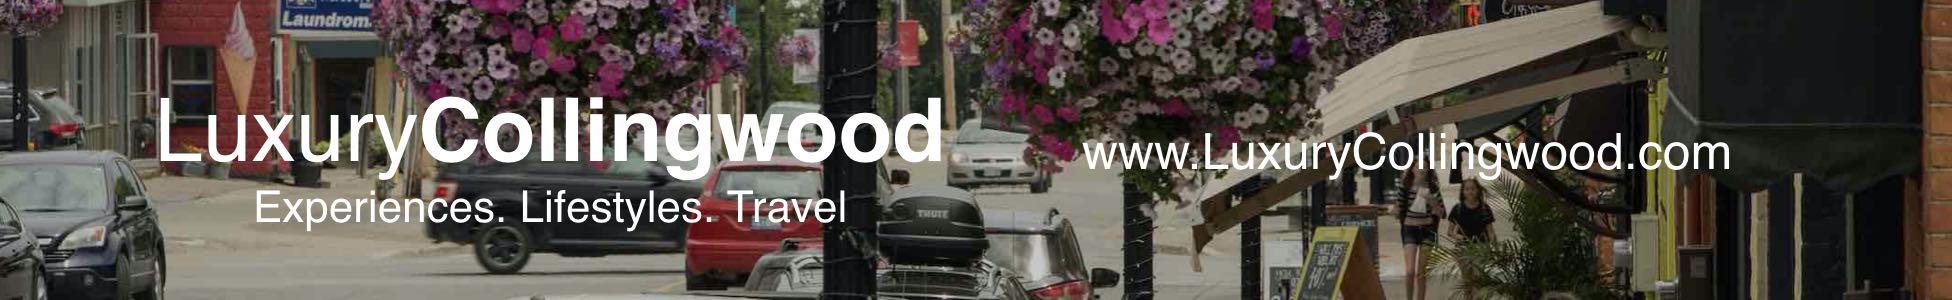 luxuryCollingwood Ad 07